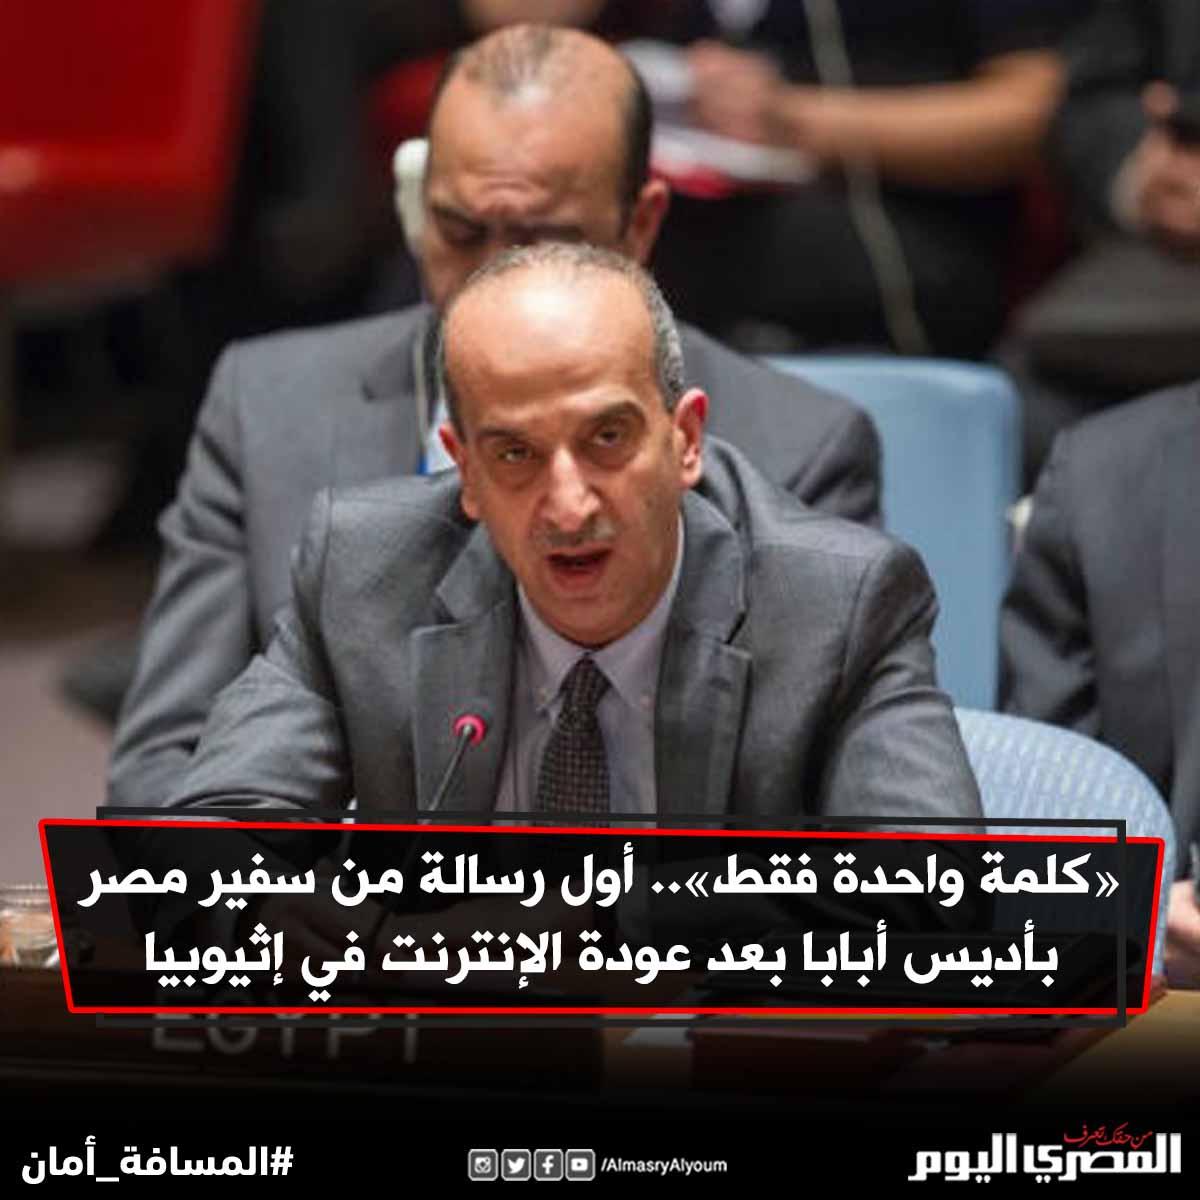 «كلمة واحدة فقط».. أول رسالة من سفير مصر بأديس أبابا بعد عودة الإنترنت في #إثيوبيا